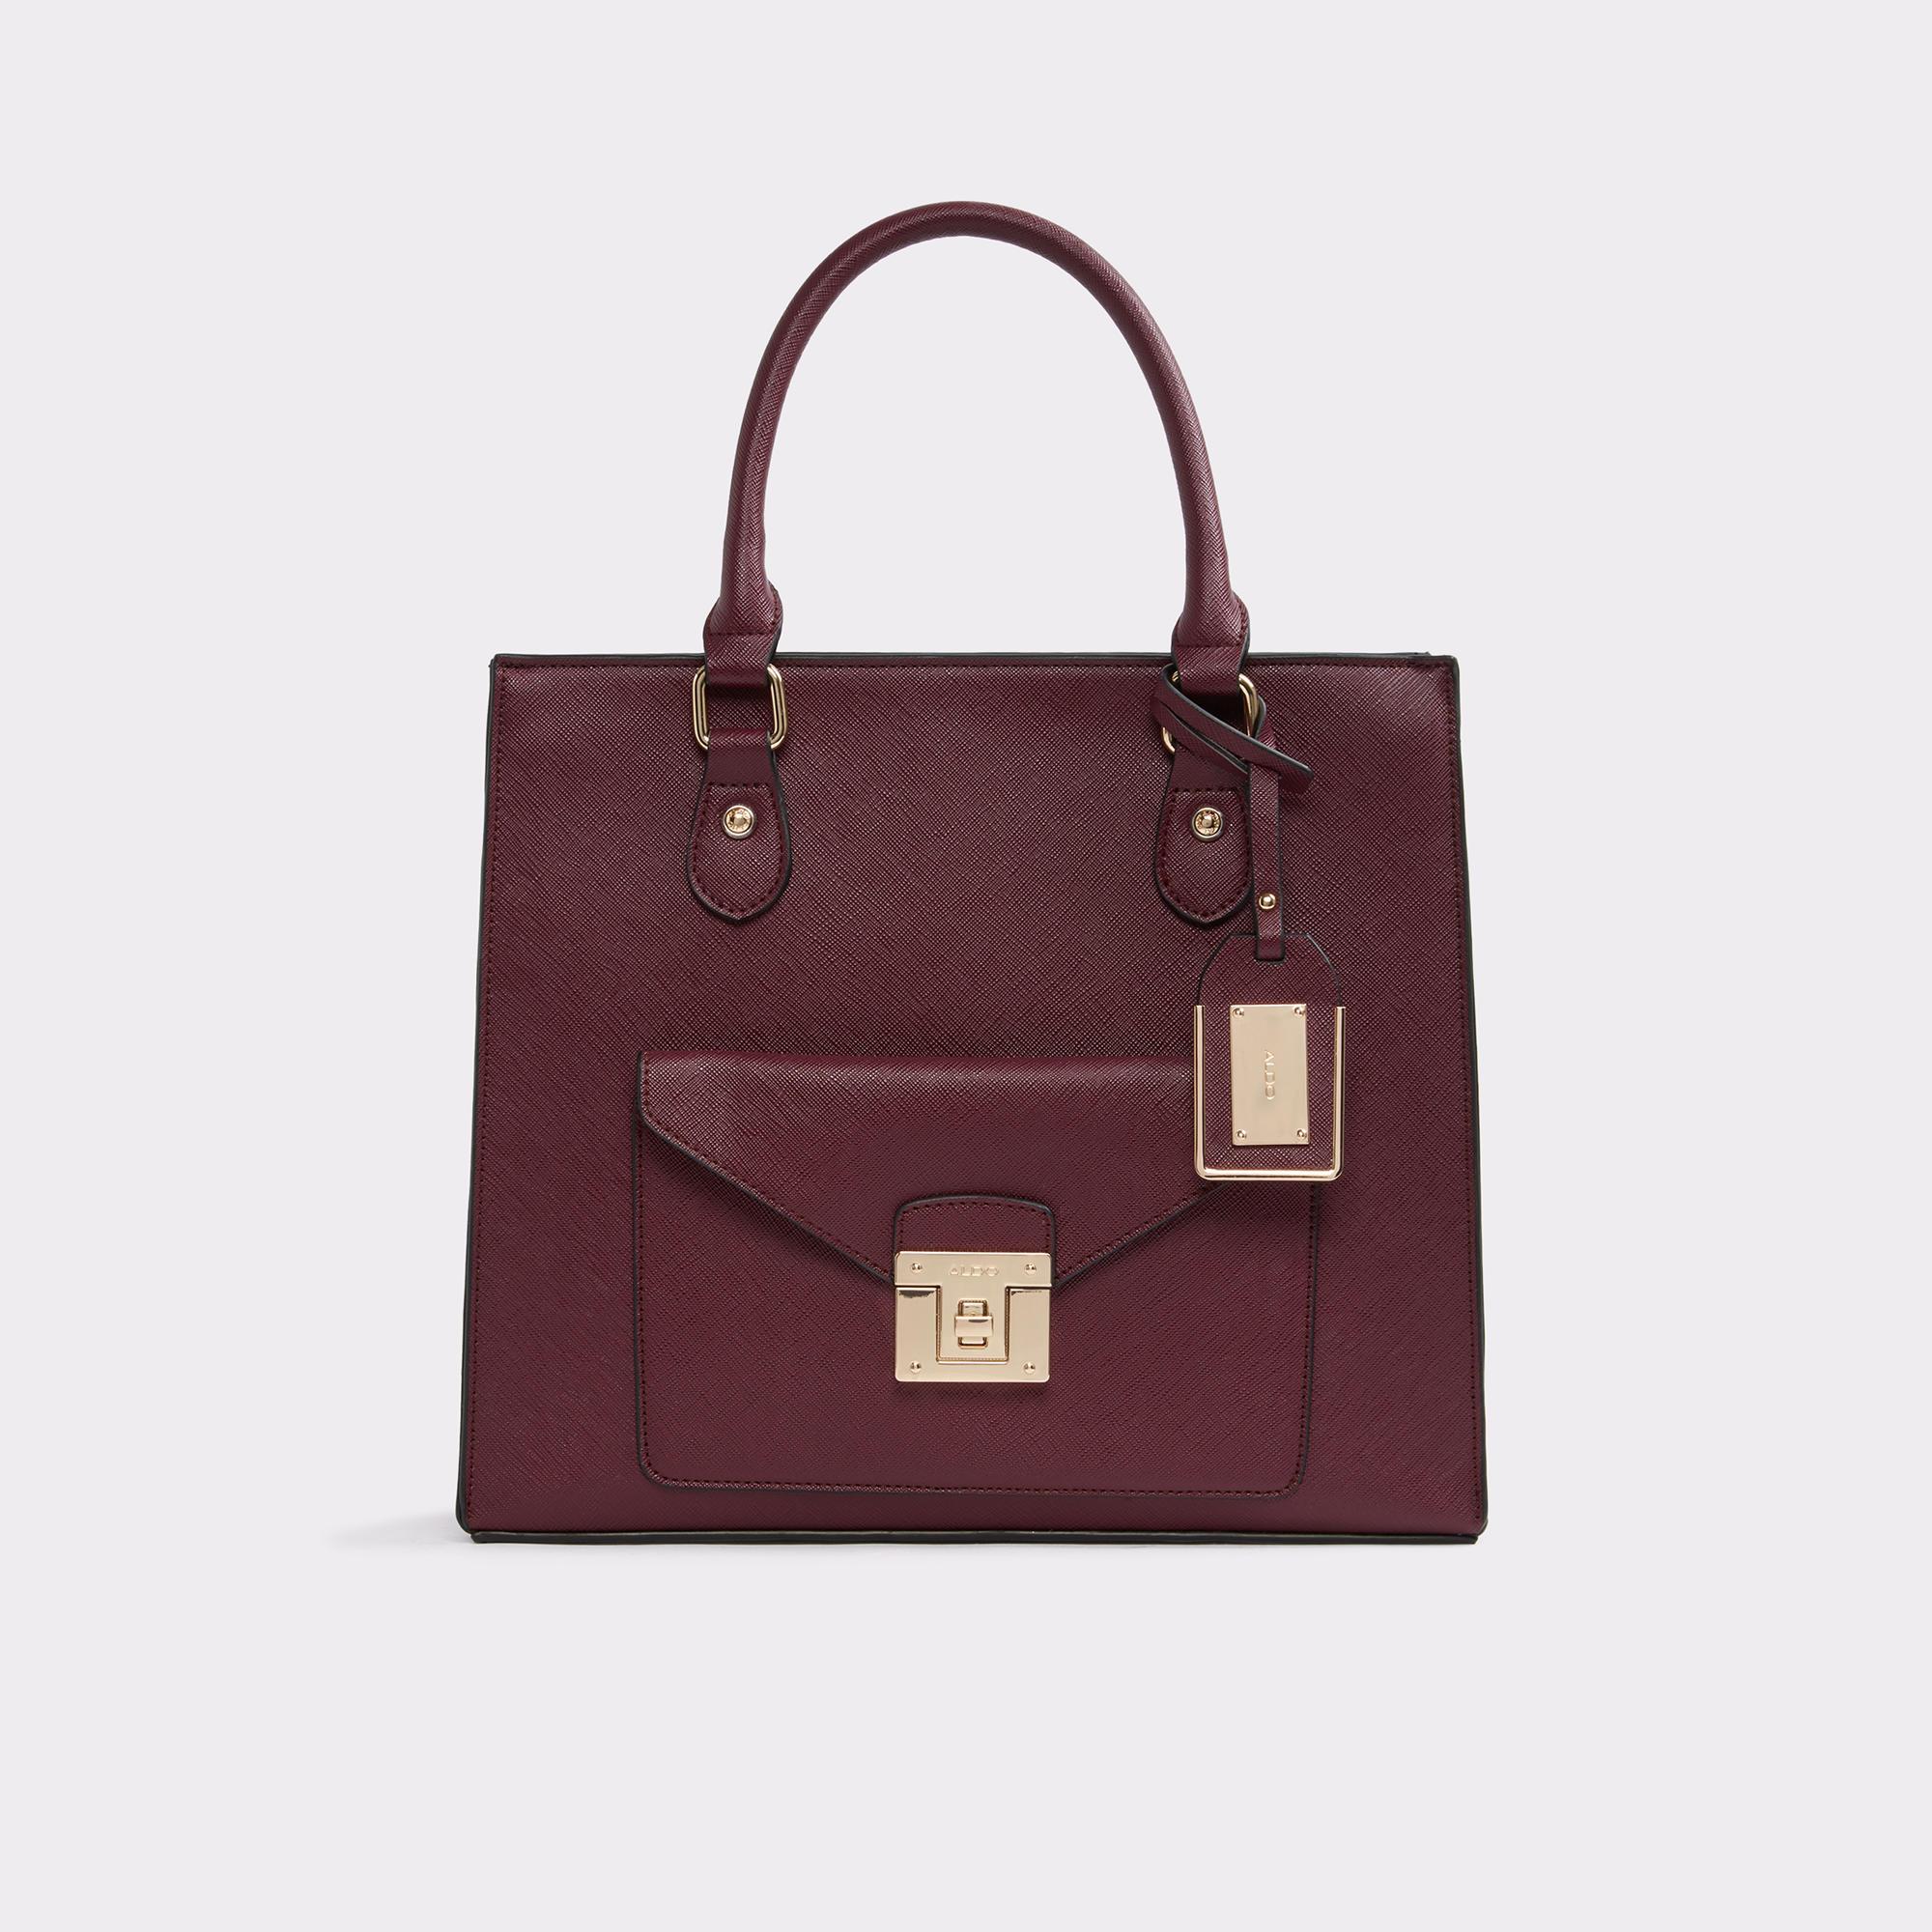 Castana Bordeaux Handbags | Hermosaz